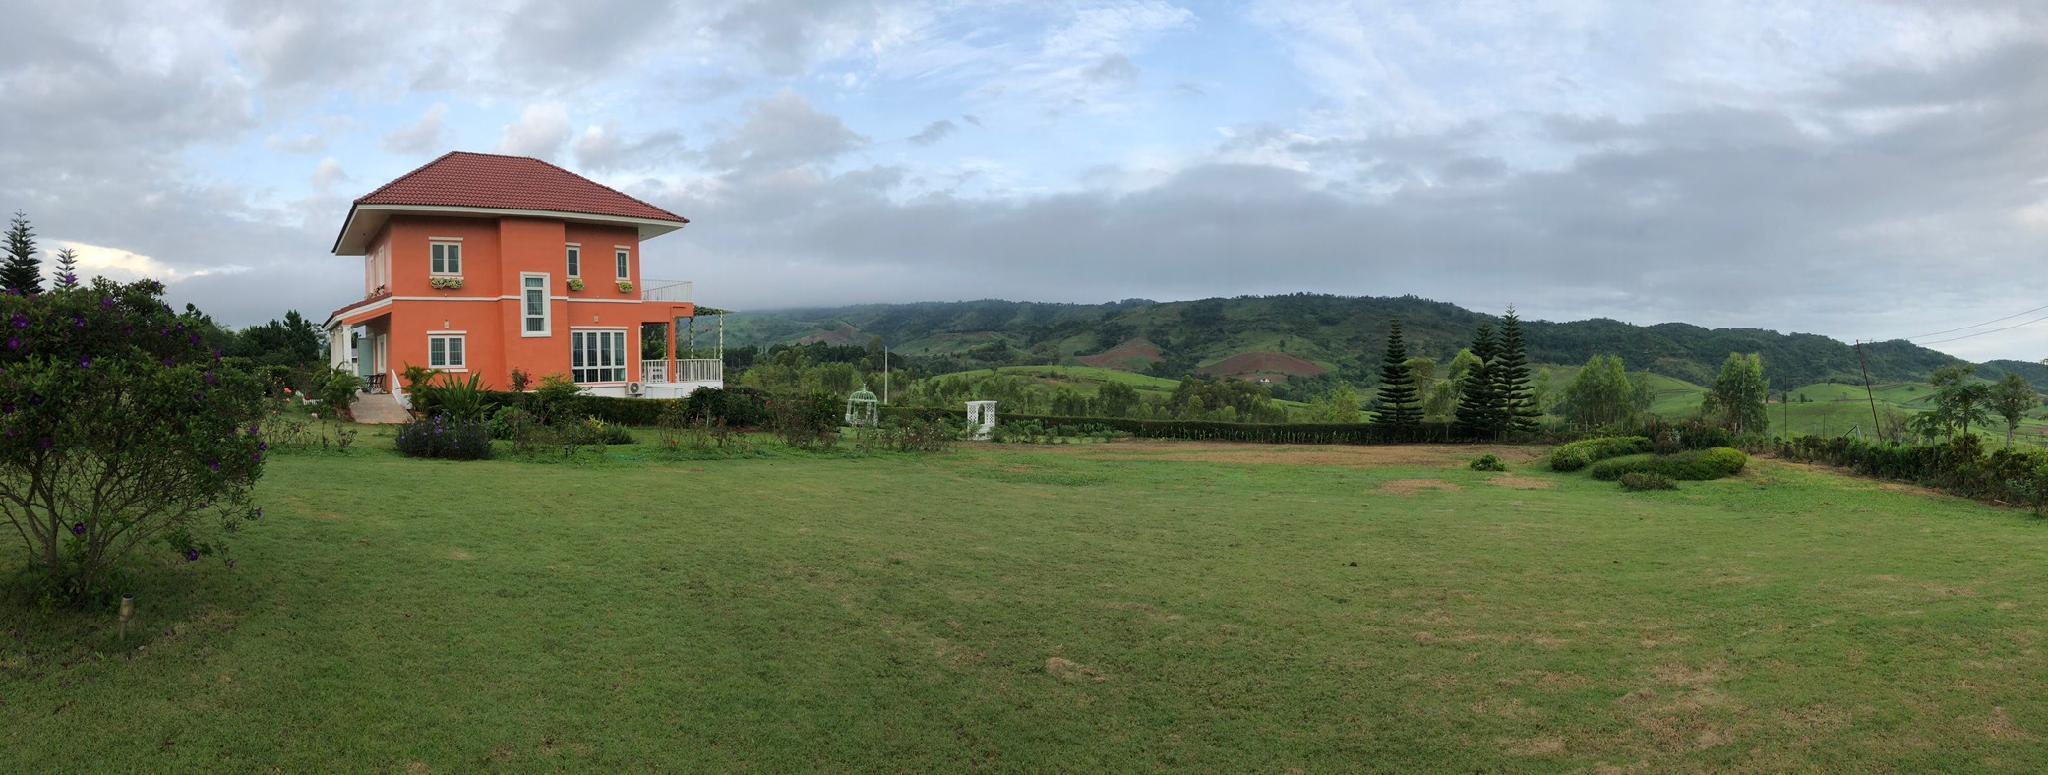 Khaokho Valley @ Windmills